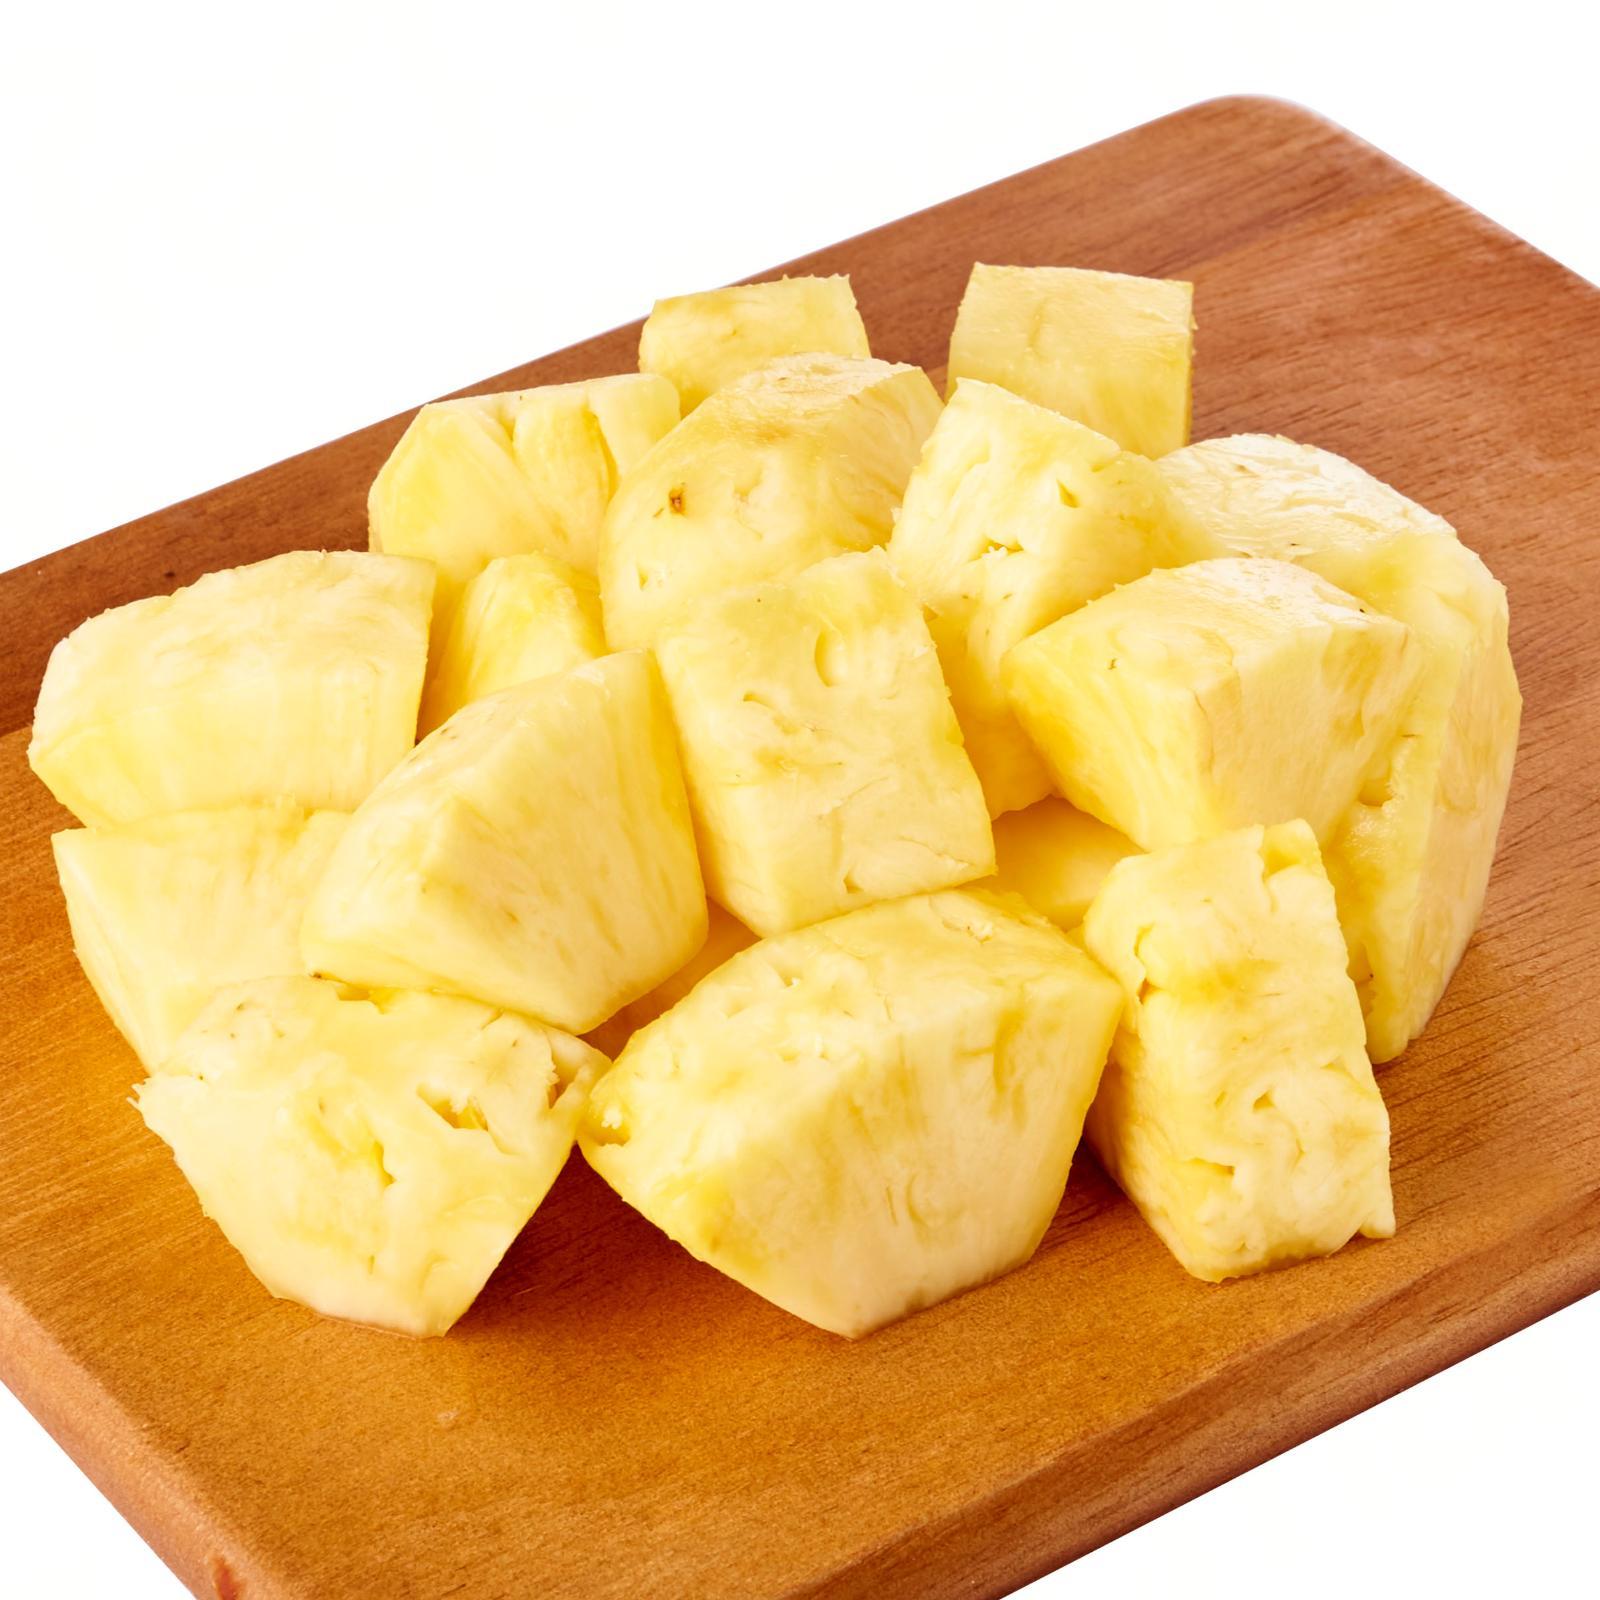 Sunny Fruit Fresh Pineapples Sliced